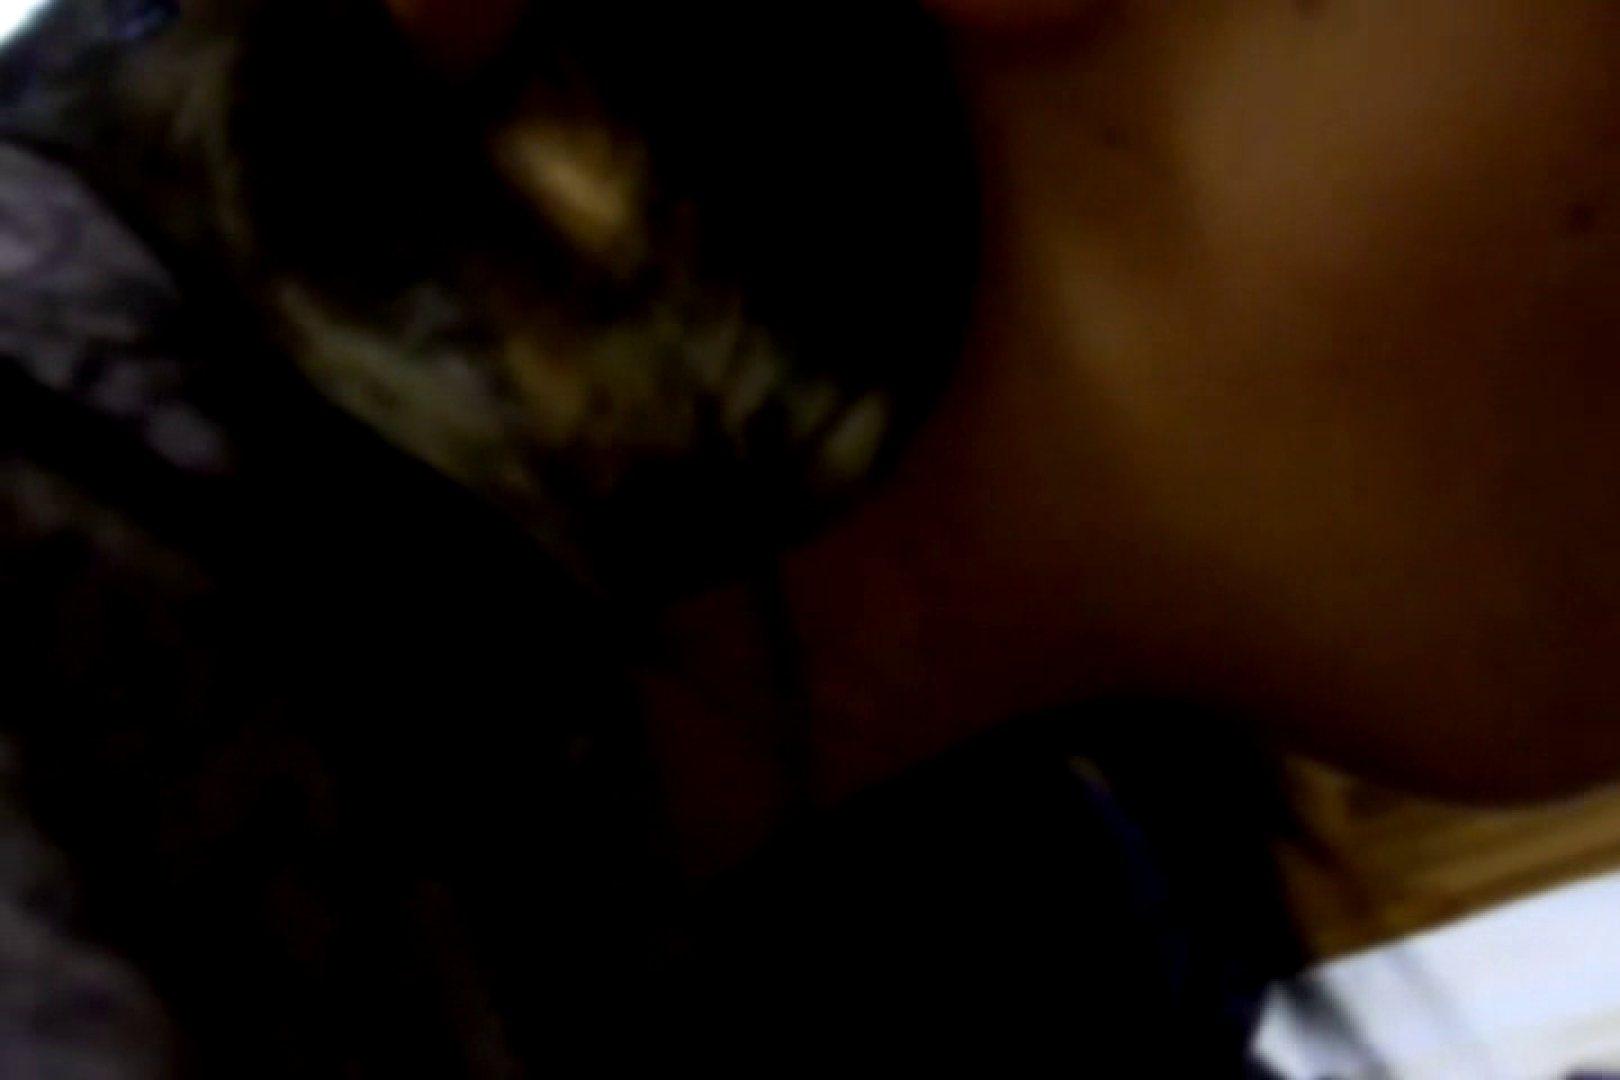 ウイルス流出 レオ&マンコのアルバム 浴衣  101連発 55